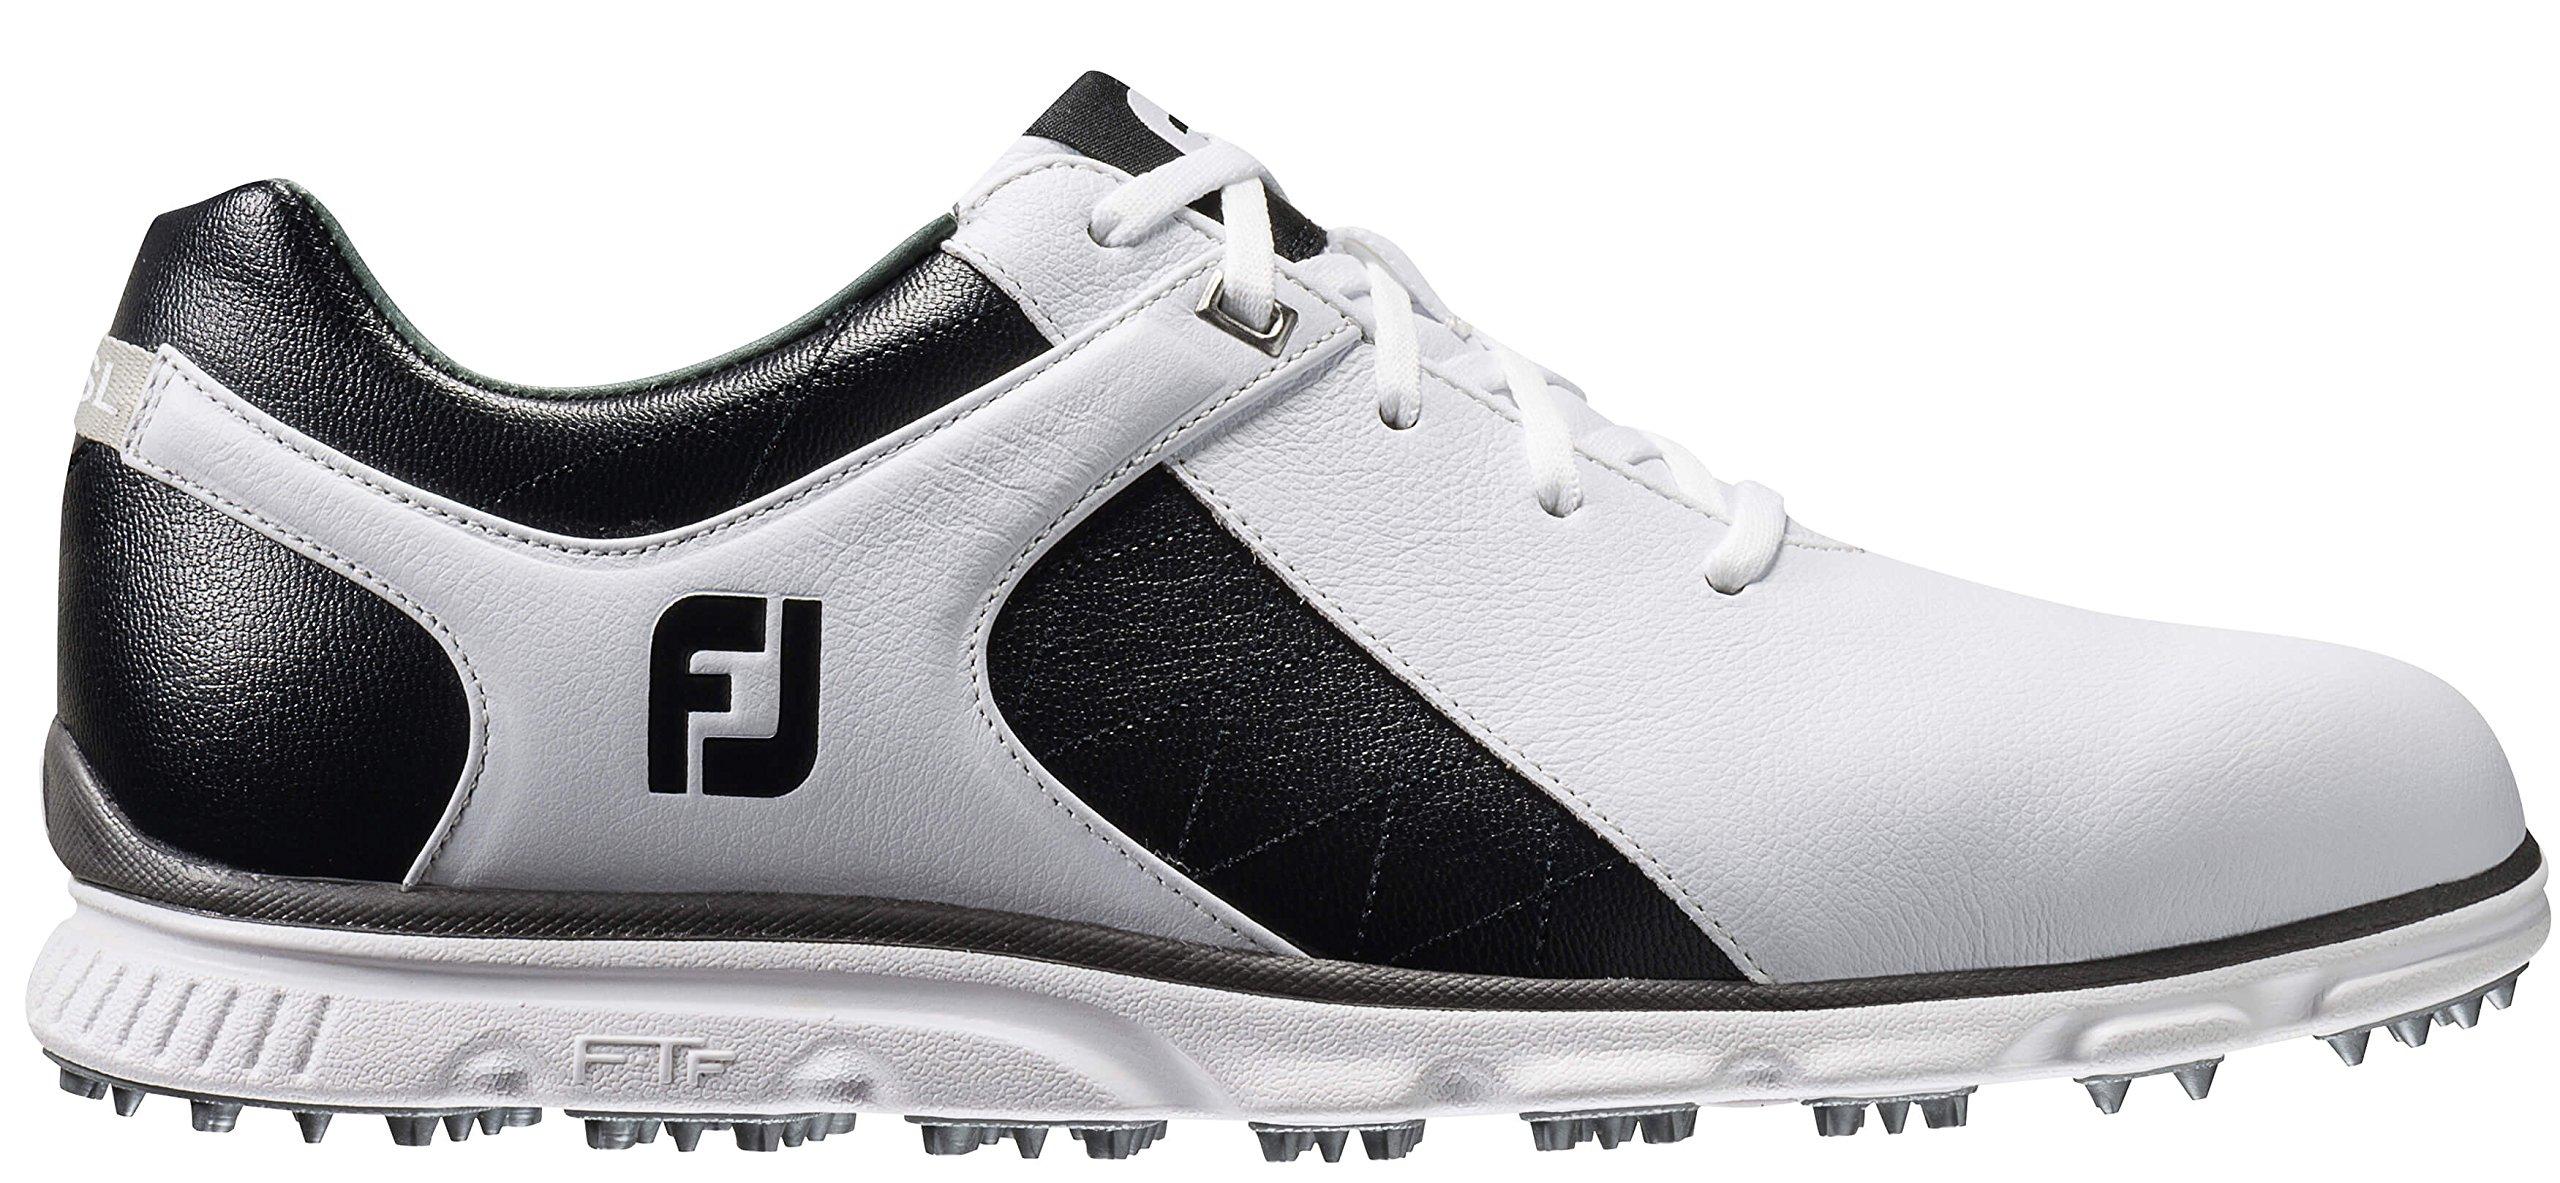 FootJoy Men's Pro/SL-Previous Season Style Golf Shoes White 8 M Black, US